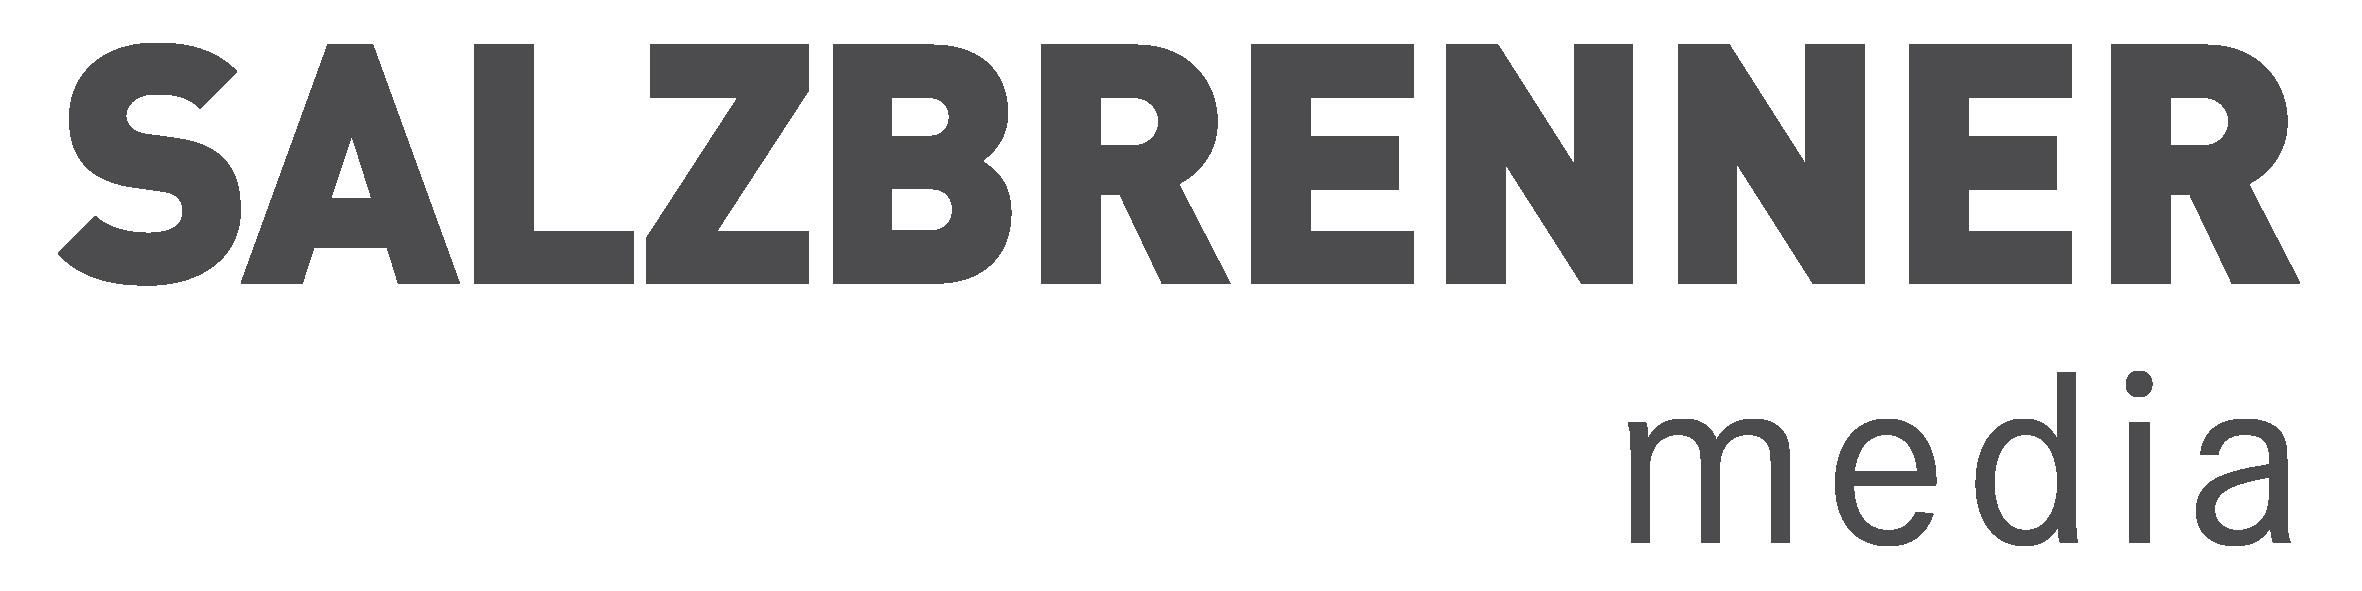 Salzbrenner logo